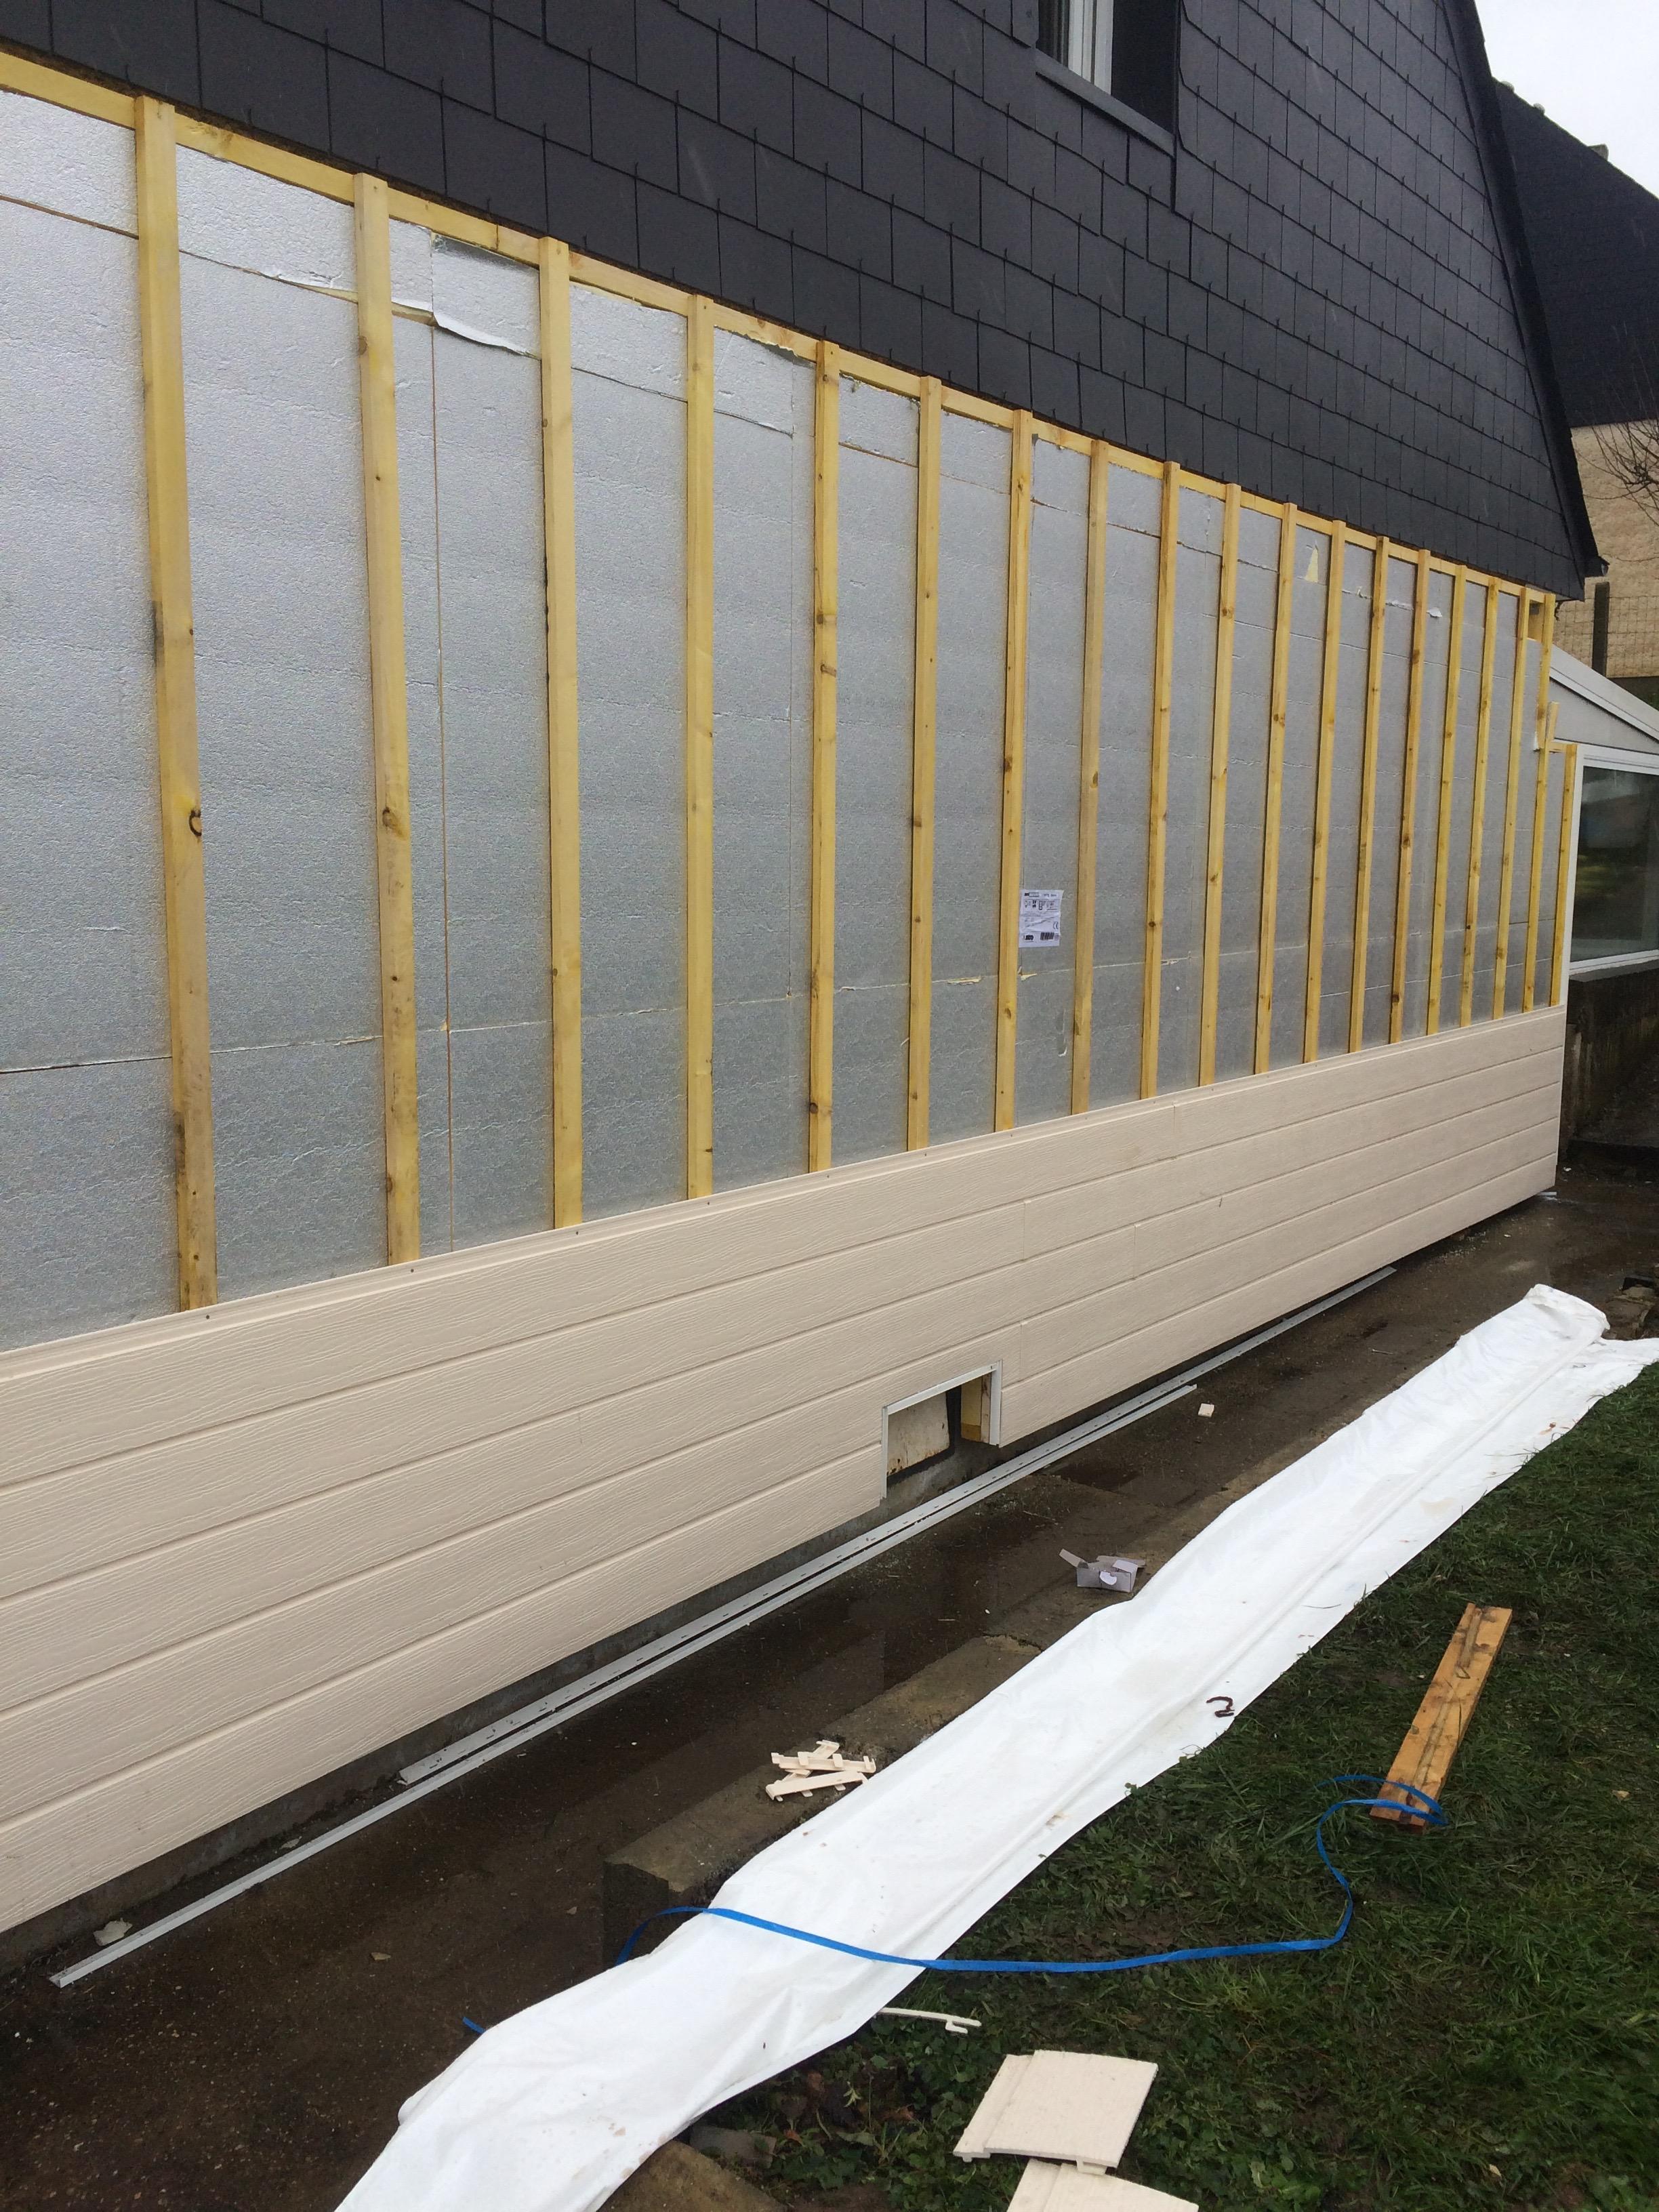 Isolation Mur Exterieur Renovation isolation des murs extérieurs - isolation - maisonsûr